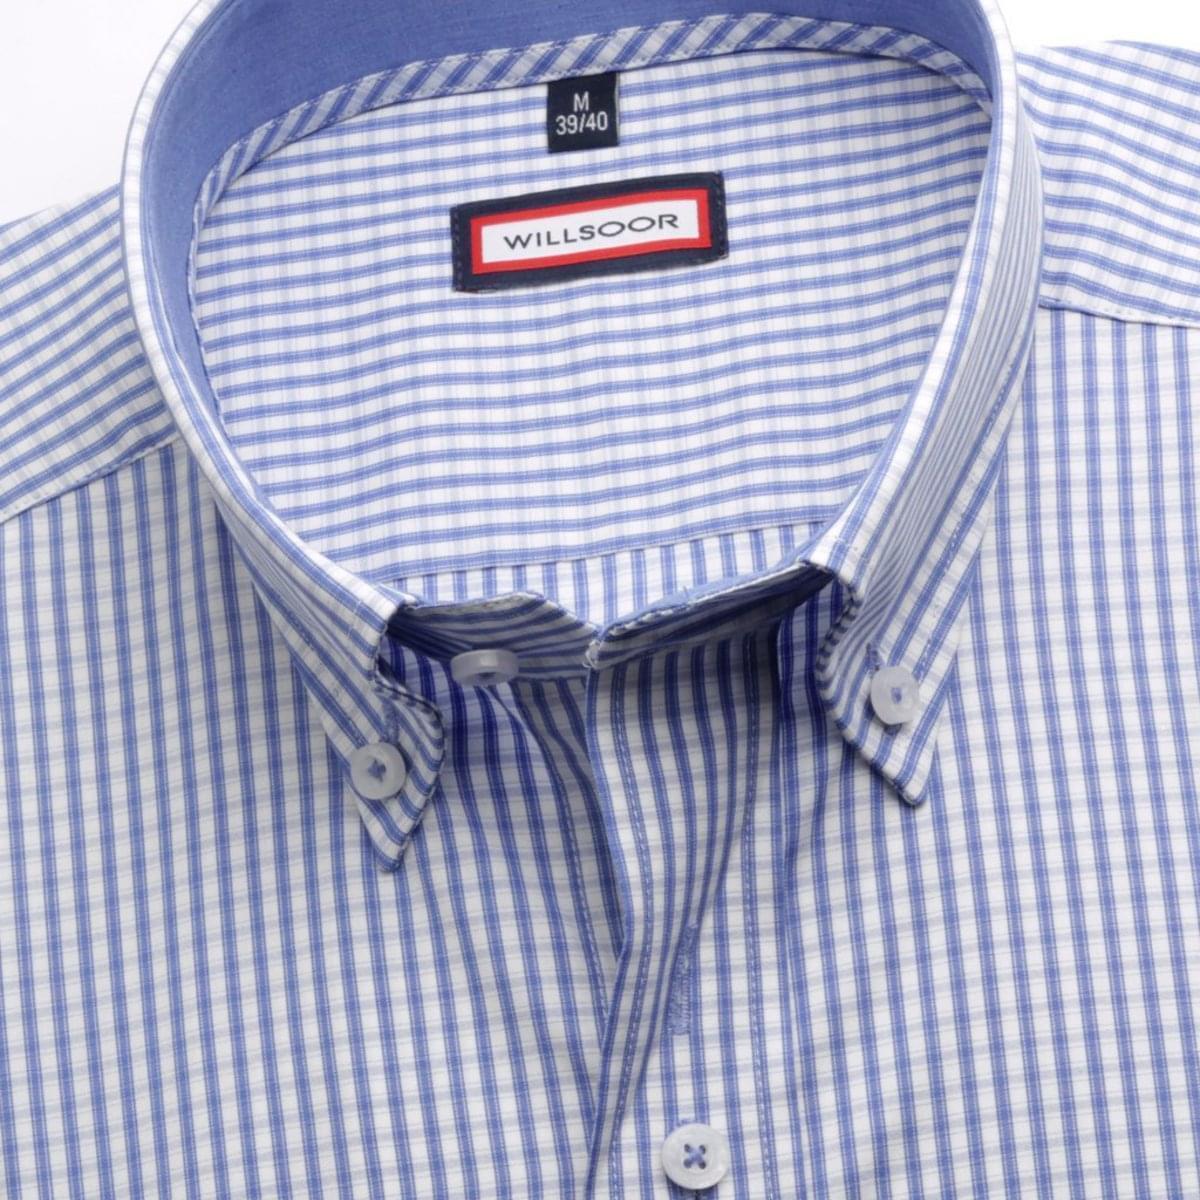 Pánská košile Classic v bílé barvě s kostkou (výška 164-170) 5454 164-170 / L (41/42)